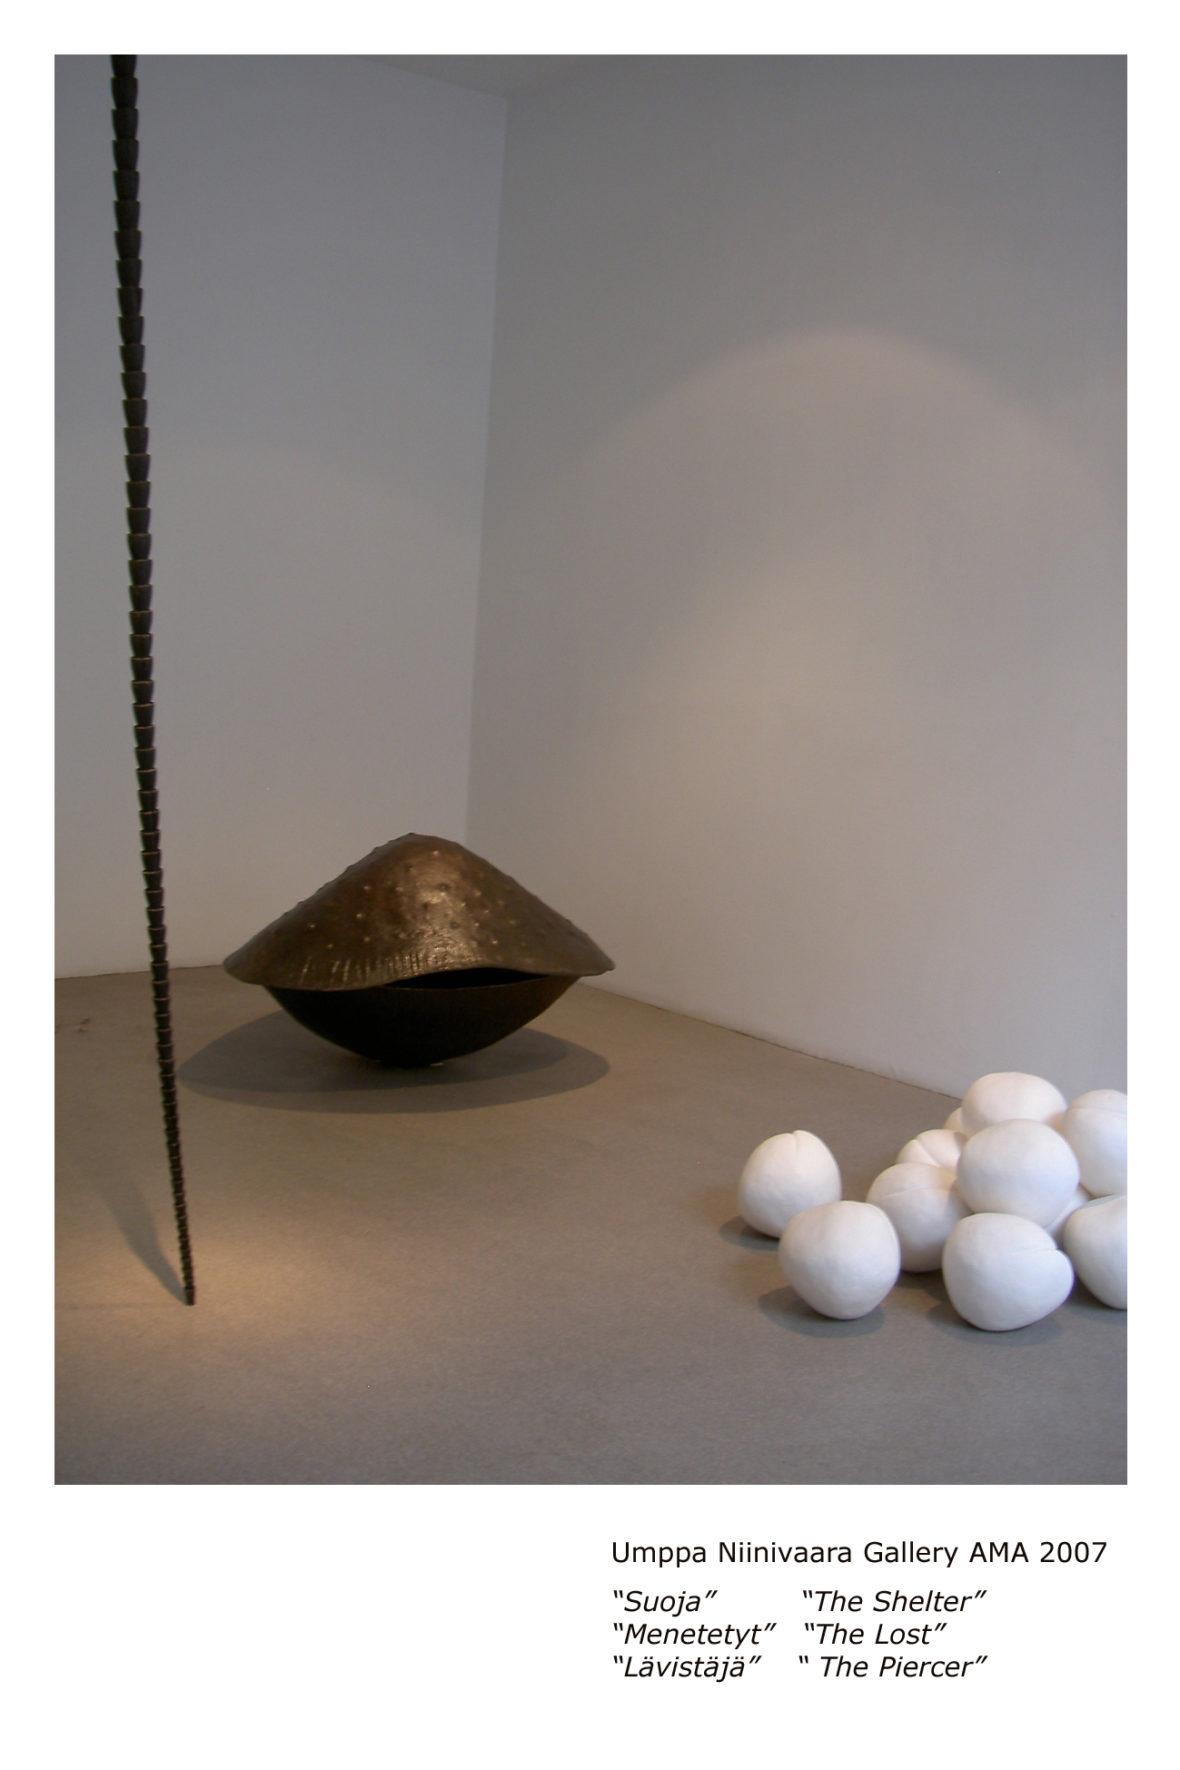 yksityisnäyttely, galleria AMA, Turku,  2007